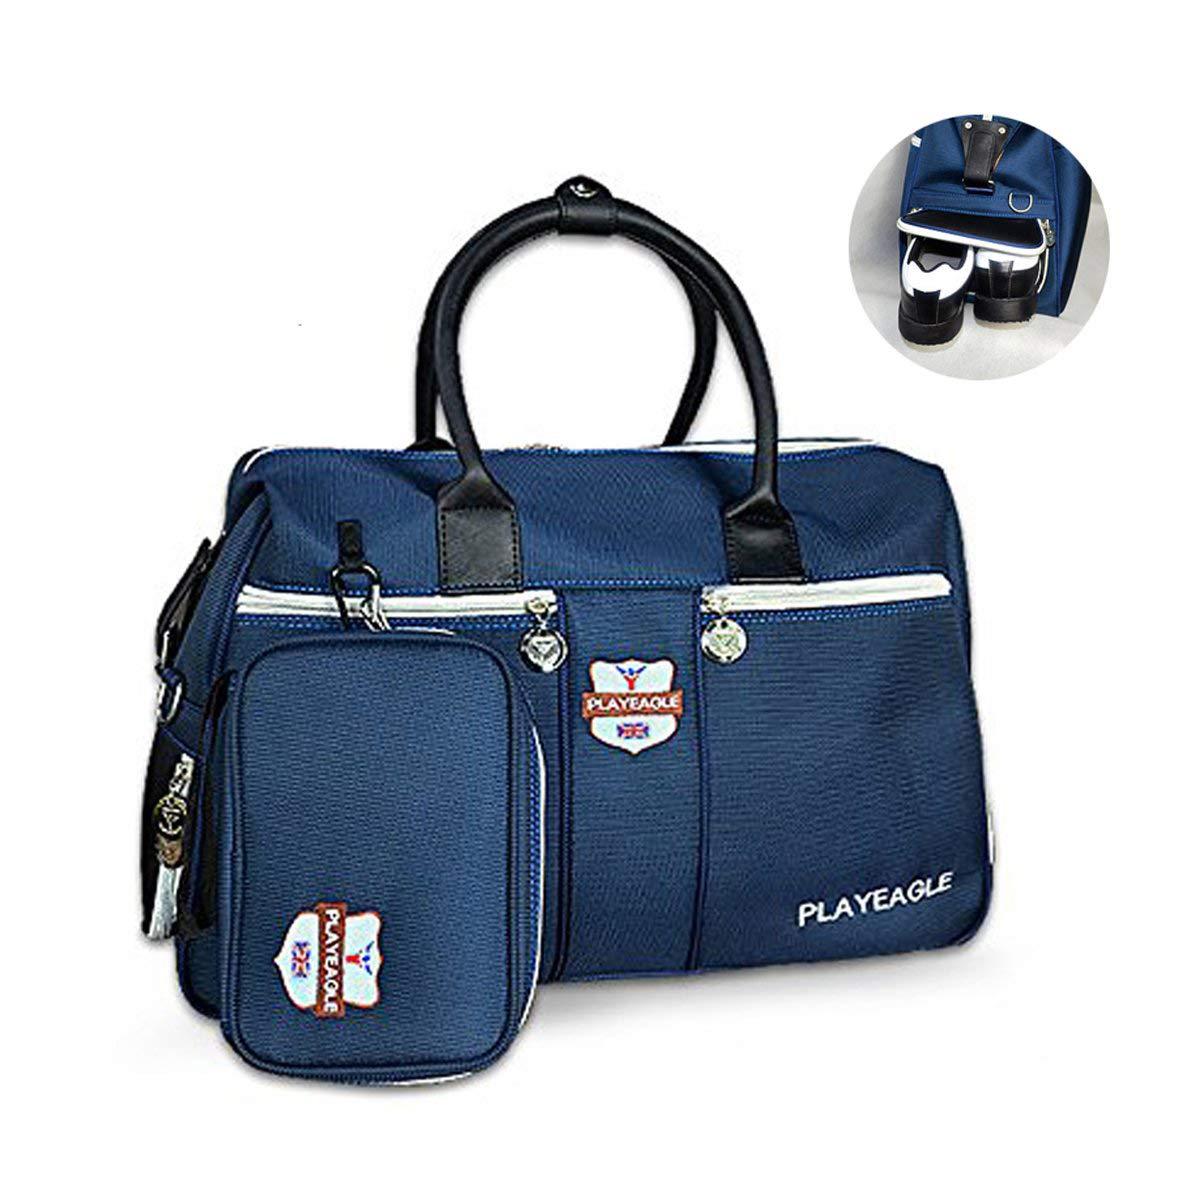 PLAYEAGLE ダッフルバッグ メンズ レディース プレミアム ナイロン素材 ゴルフ ボストンバッグ 靴ポケット付き 旅行旅行用 ミニハンドバッグ付き B07H8ZZ4Q2